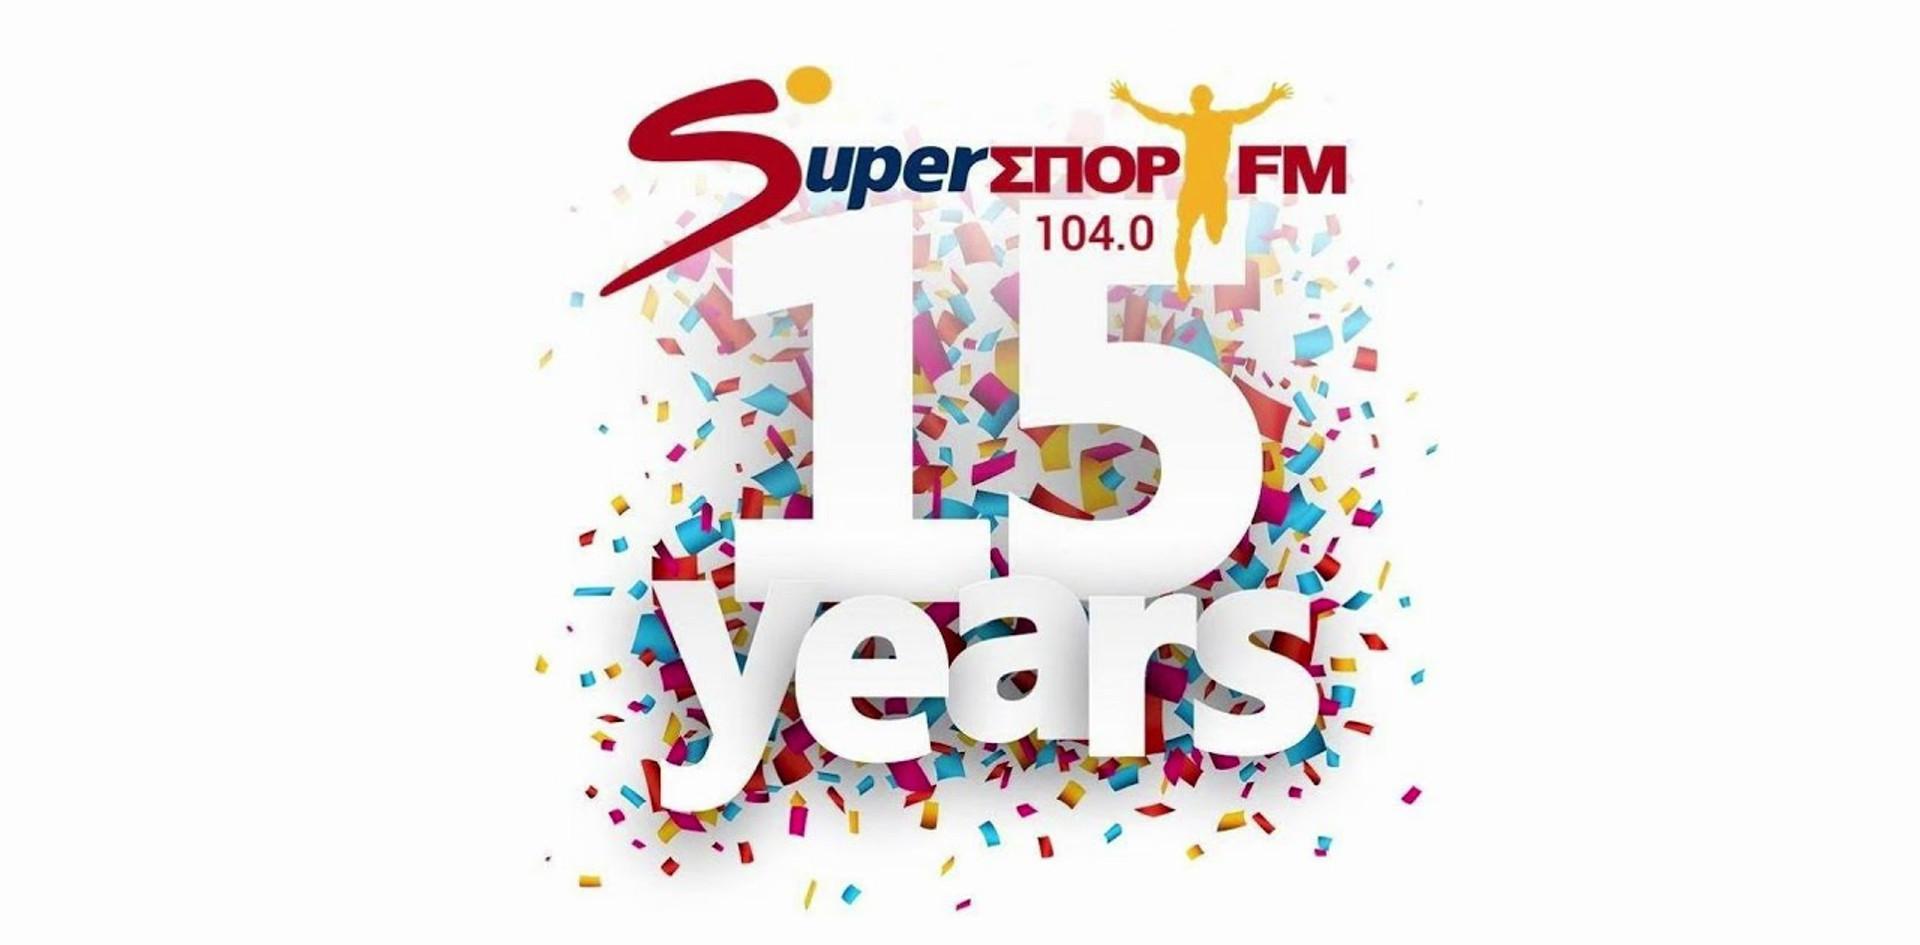 Ο Πασχάλης Τουντούρης στον SUPER ΣΠΟΡ FM Κύπρου 104.0